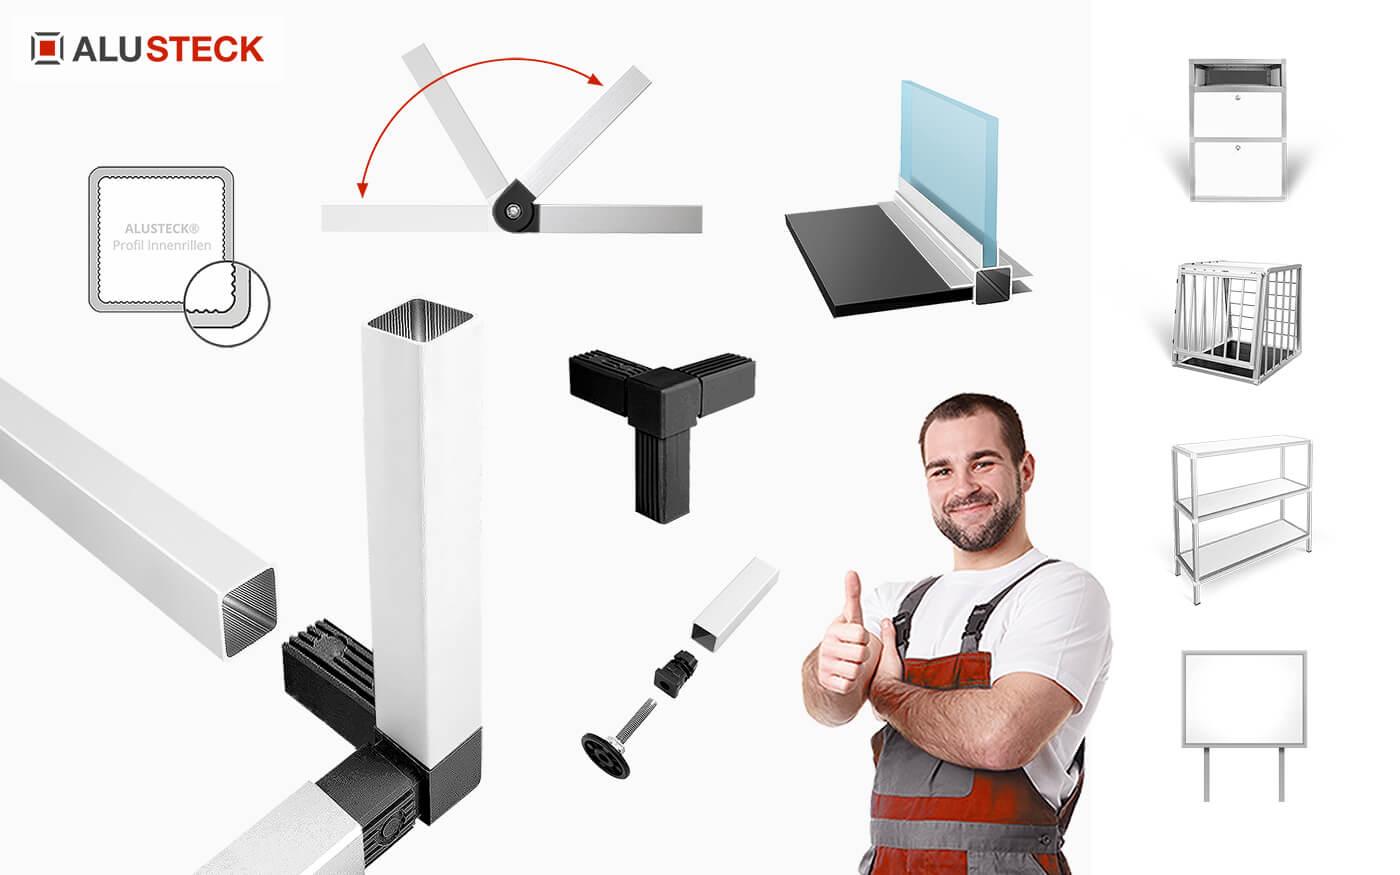 Alu Baukastensysteme / Aluminium Konstruktionssysteme